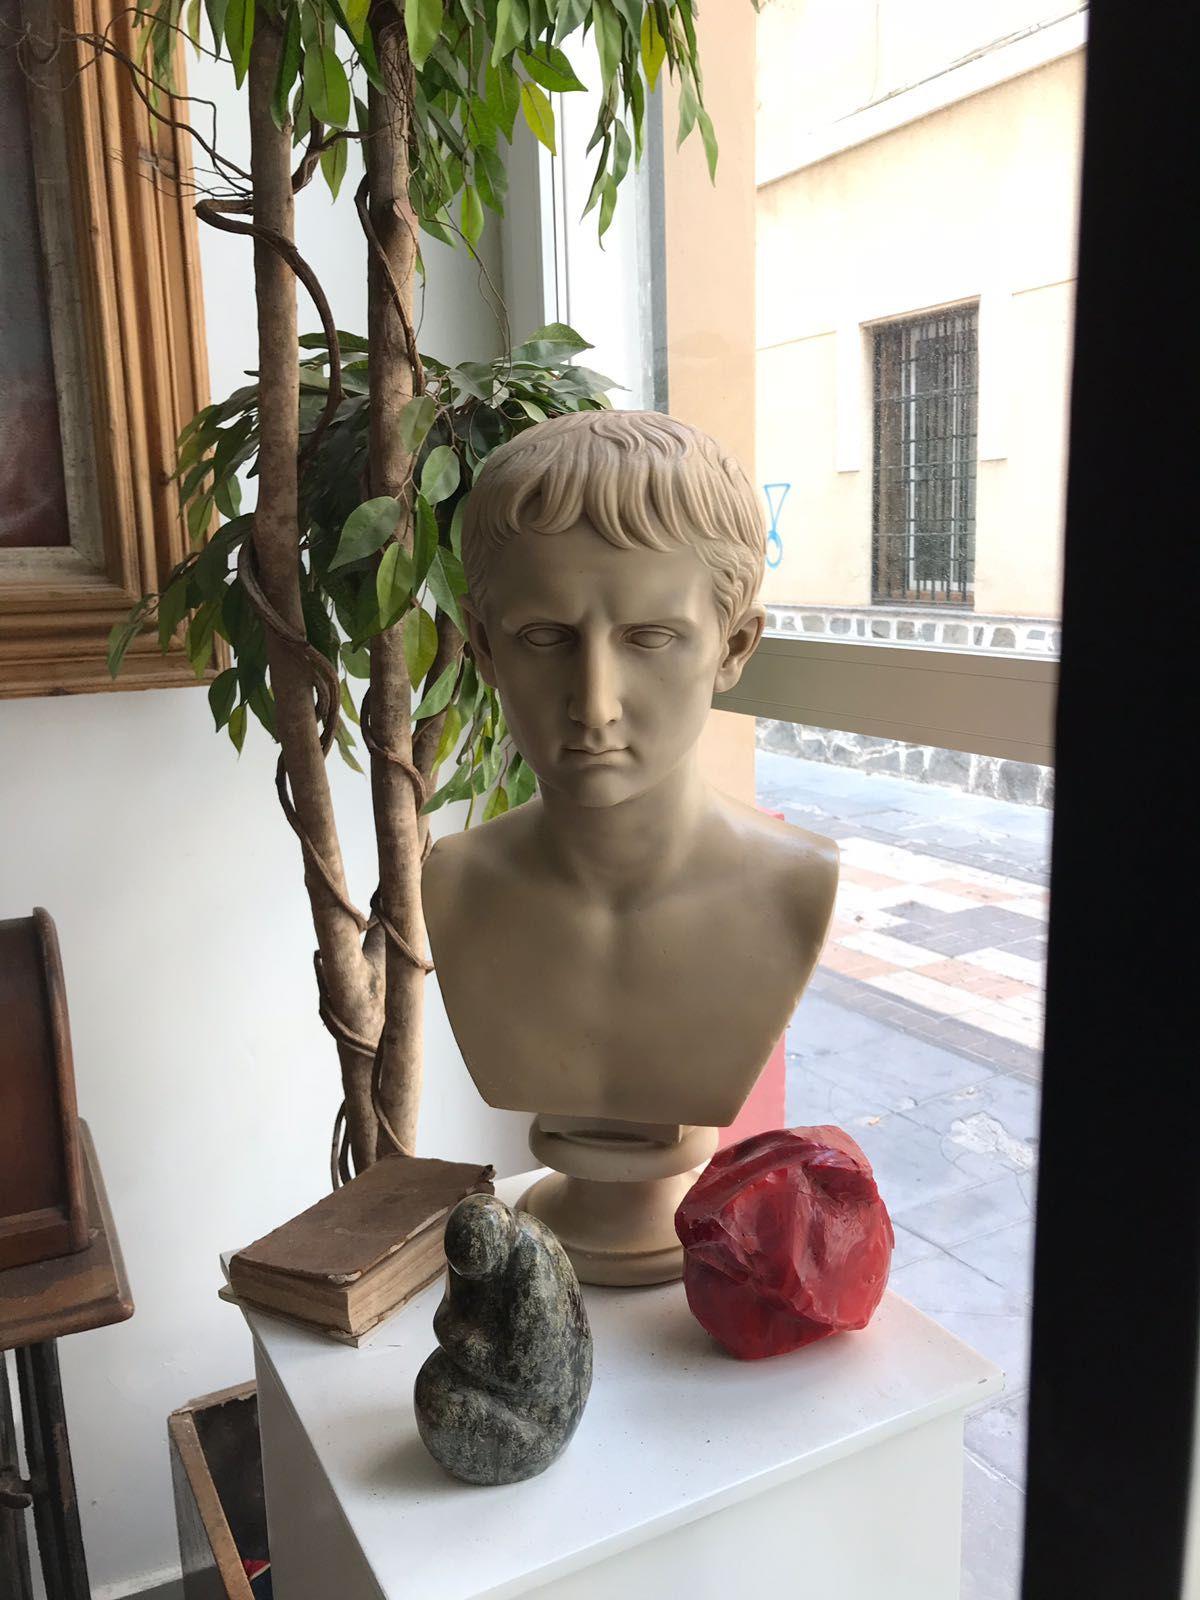 Foto 7 de Galerías de arte y salas de exposiciones en Cartagena | Arte & Antigüedades Federico Robles Perez